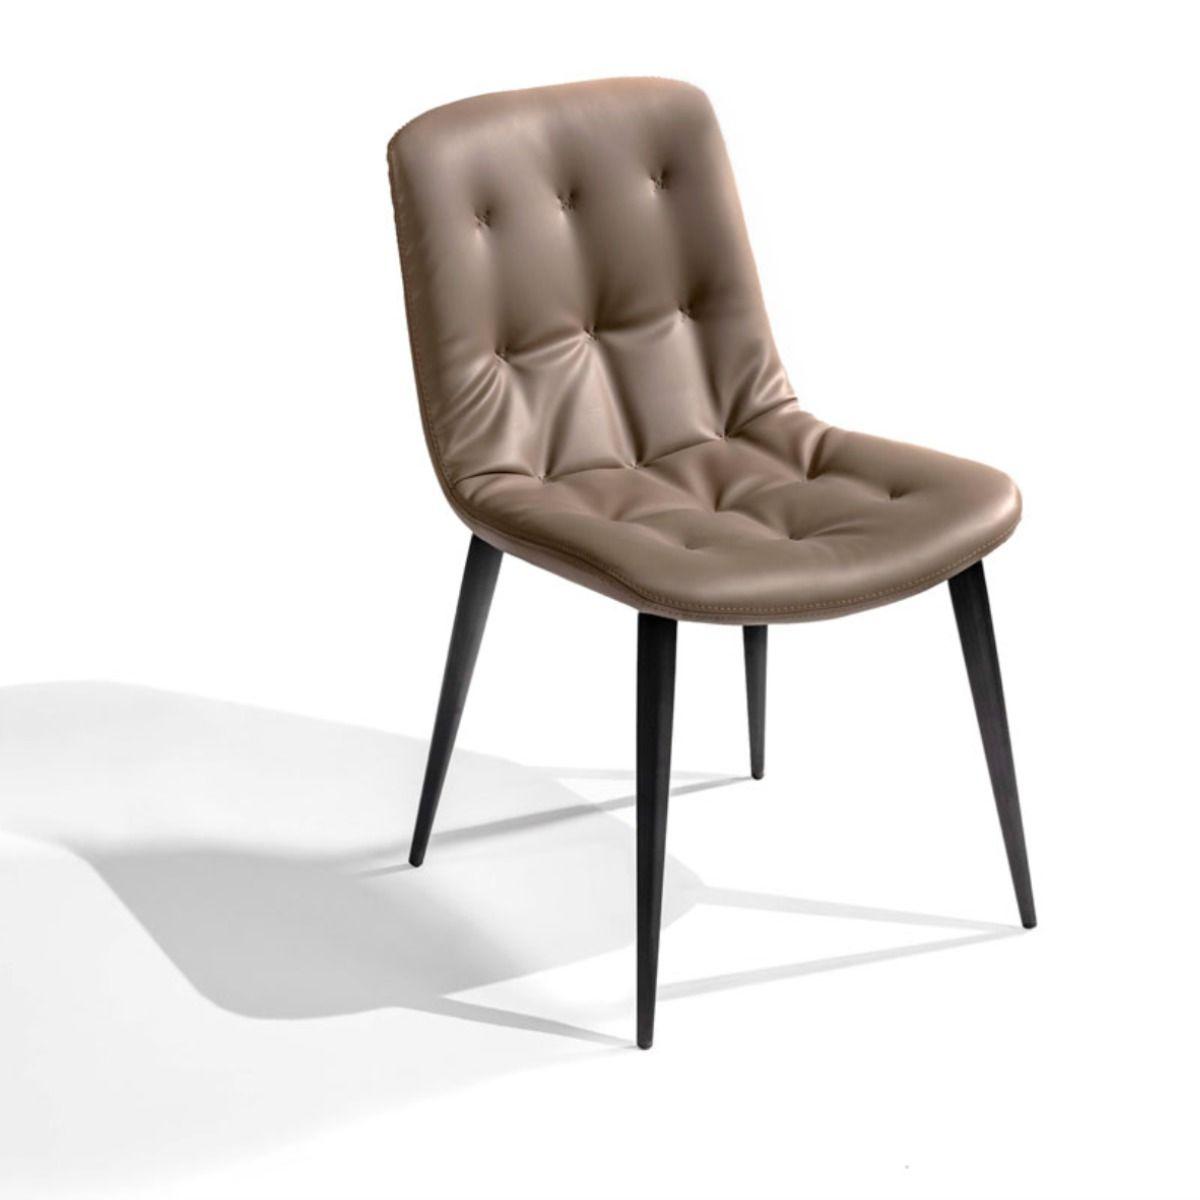 Gdc788 Chaise Confortable En Simili Cuir Coloris Beige In 2020